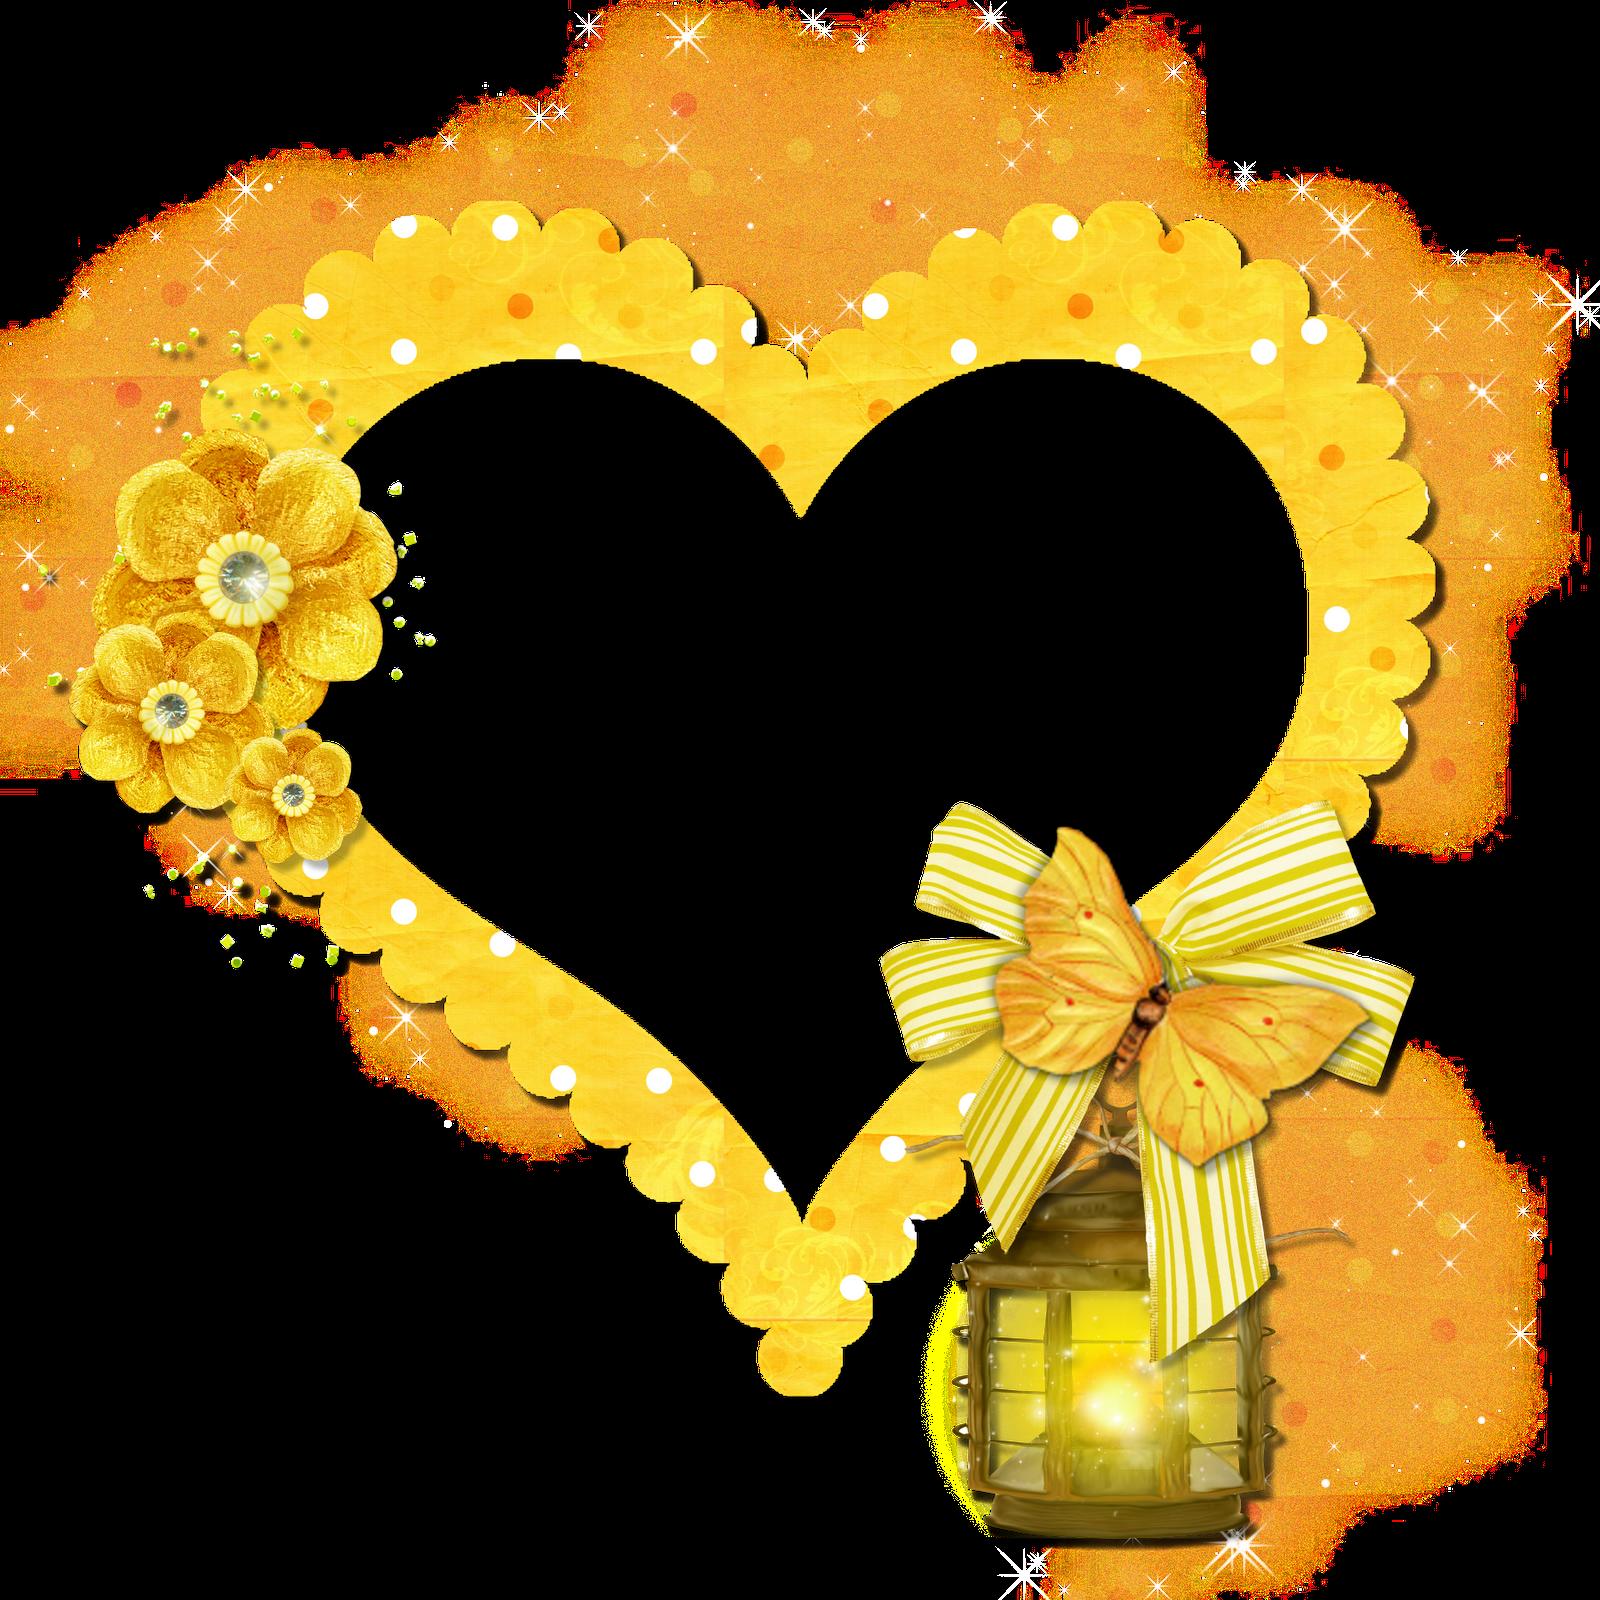 براويز واطارات. 2017 , اطارات , براويز , جديده , رائعه واطارات رهيبة وجميلة ونادرة على شكل قلوب ود 2013_1380748536_379.